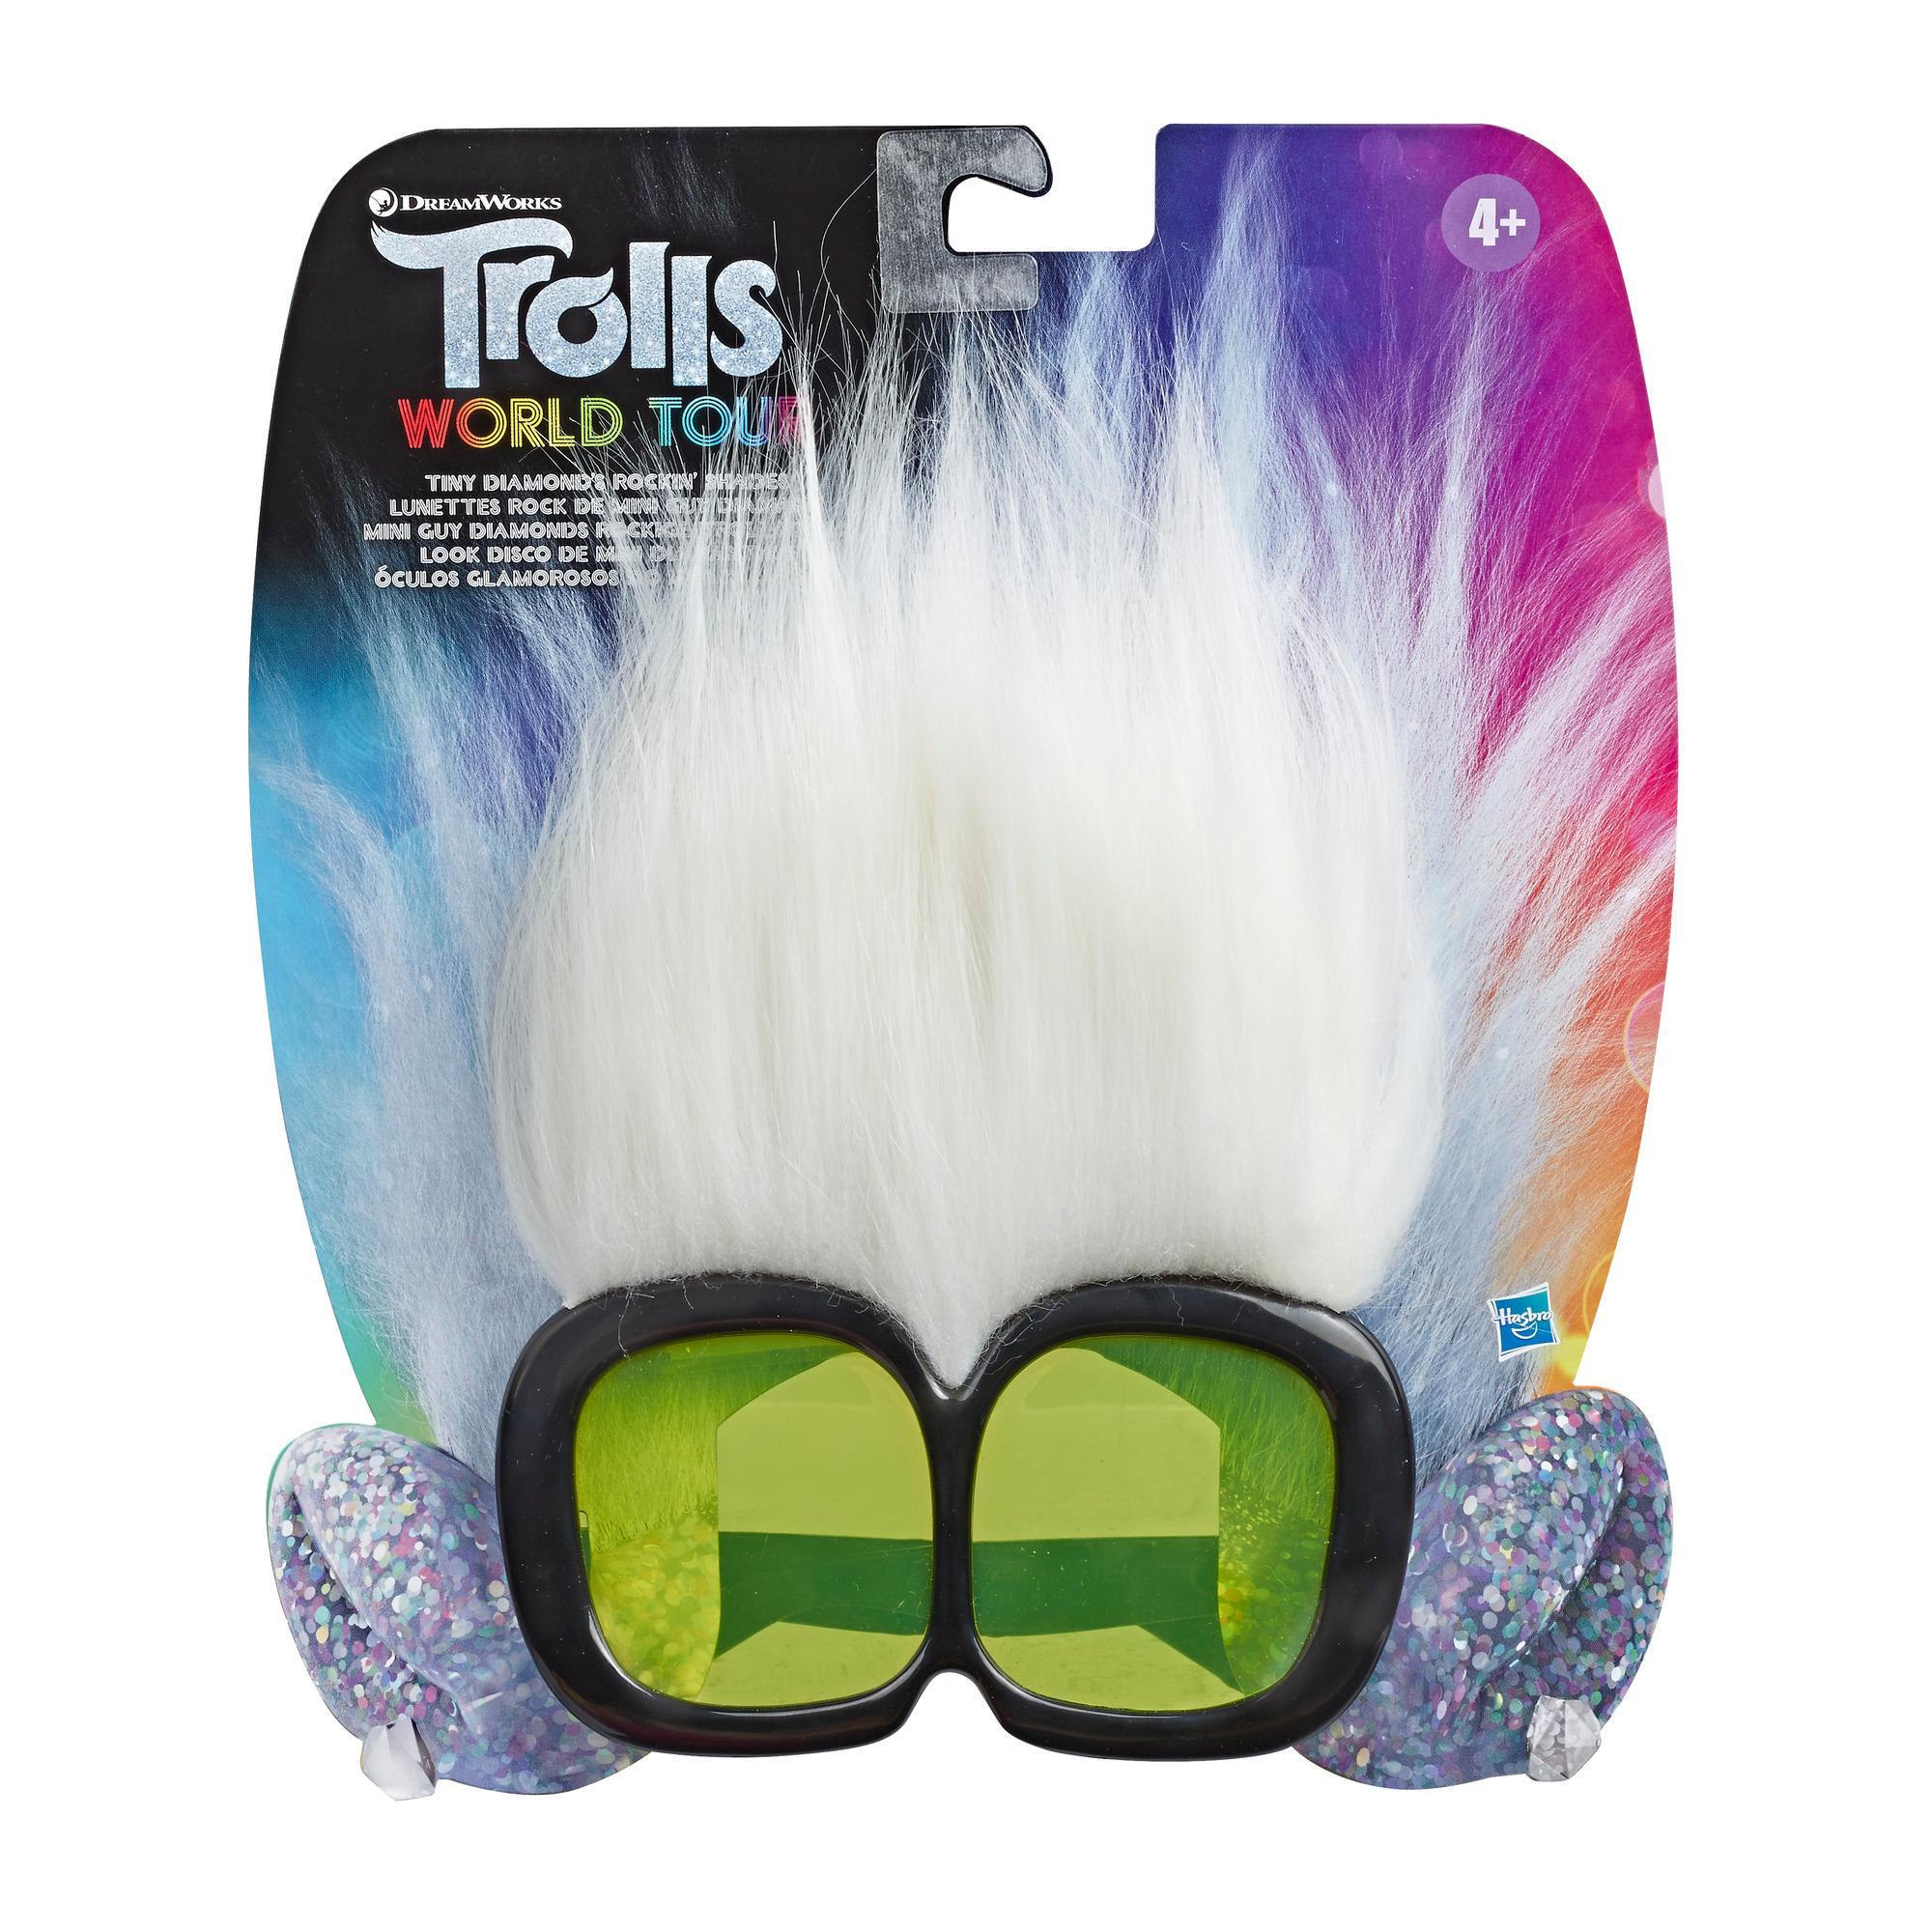 Trolls Óculos GUI DIAMANTE — Óculos escuros inspirados no filme Trolls: Tour Mundial